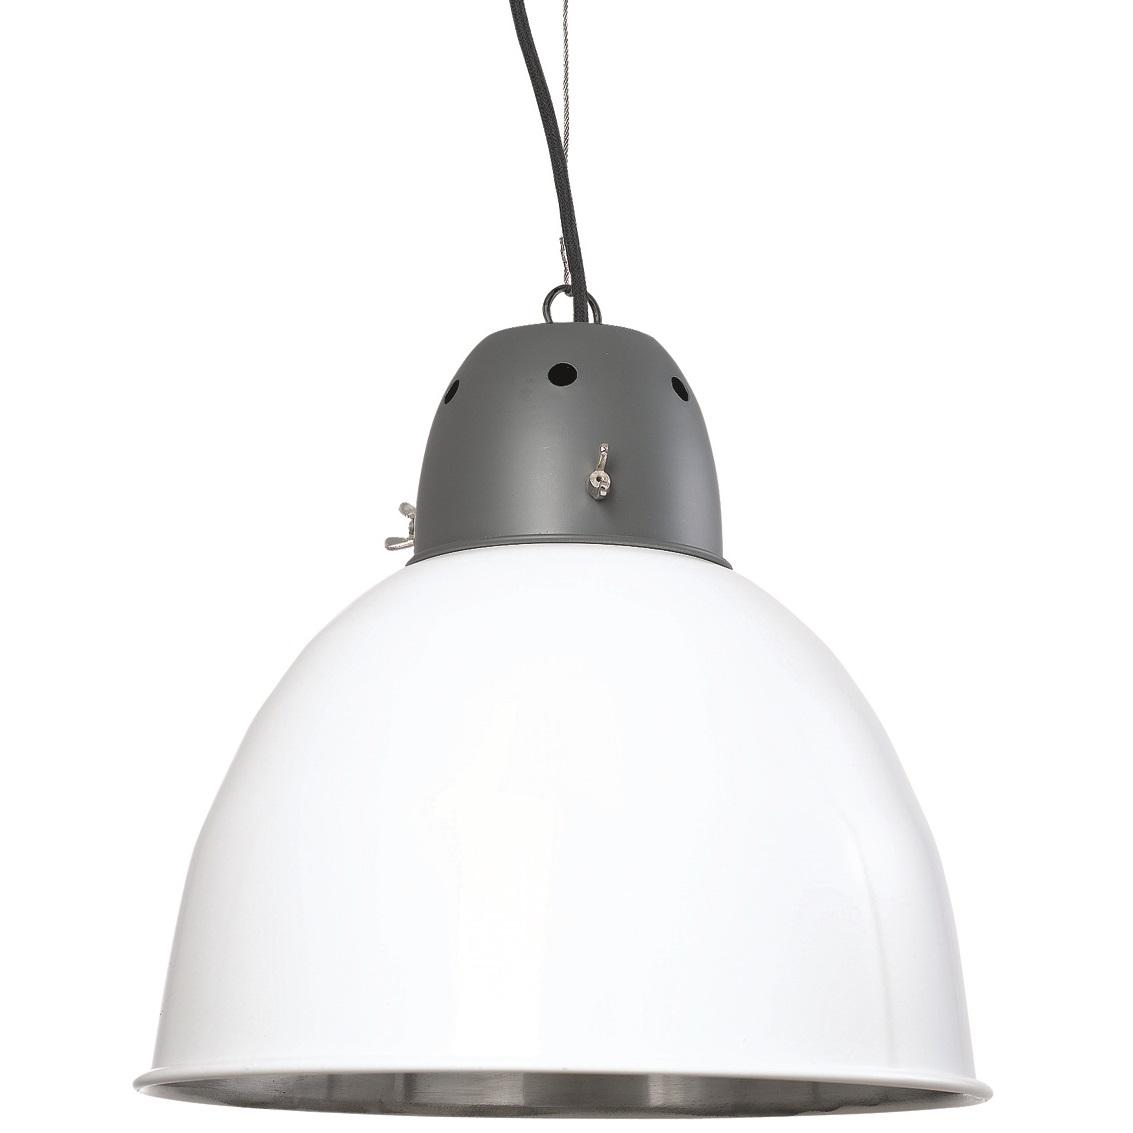 Keukenlamp Landelijk : Industri?le Hanglamp Wit met vleugmoeren, fabriekslamp